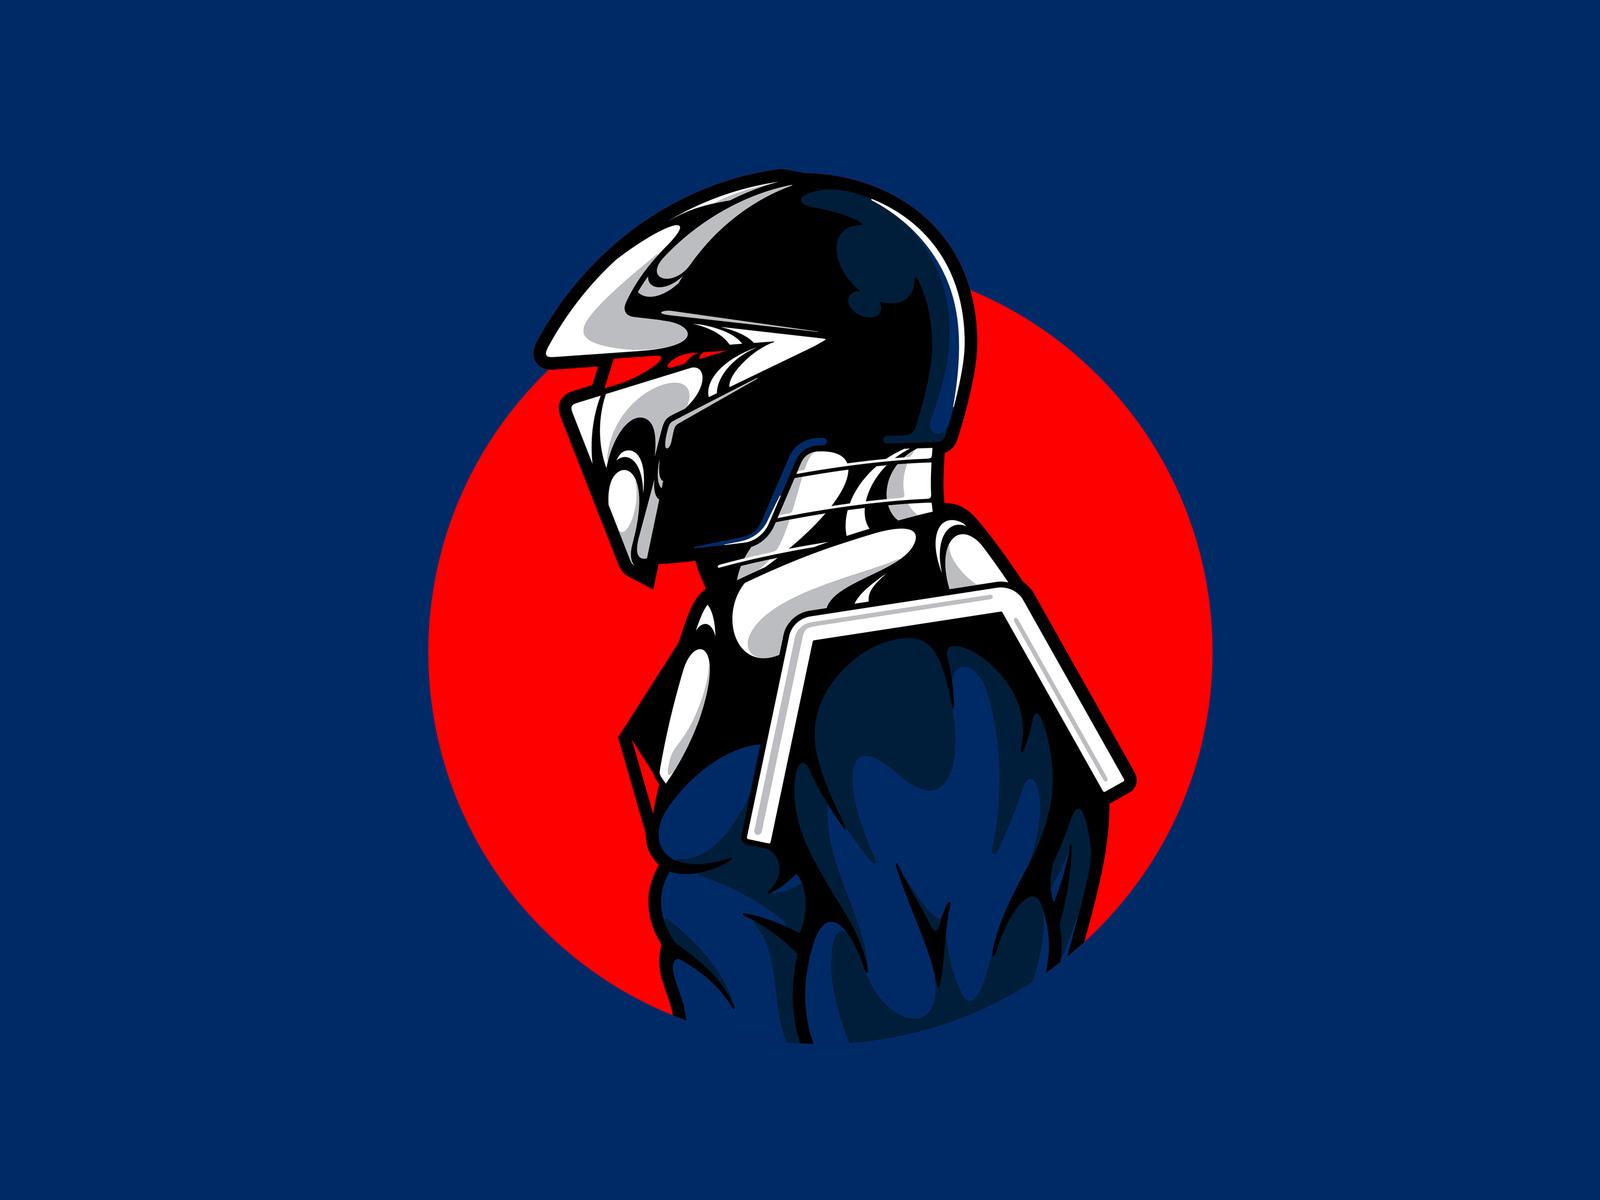 darkhawk-minimalism-3m.jpg